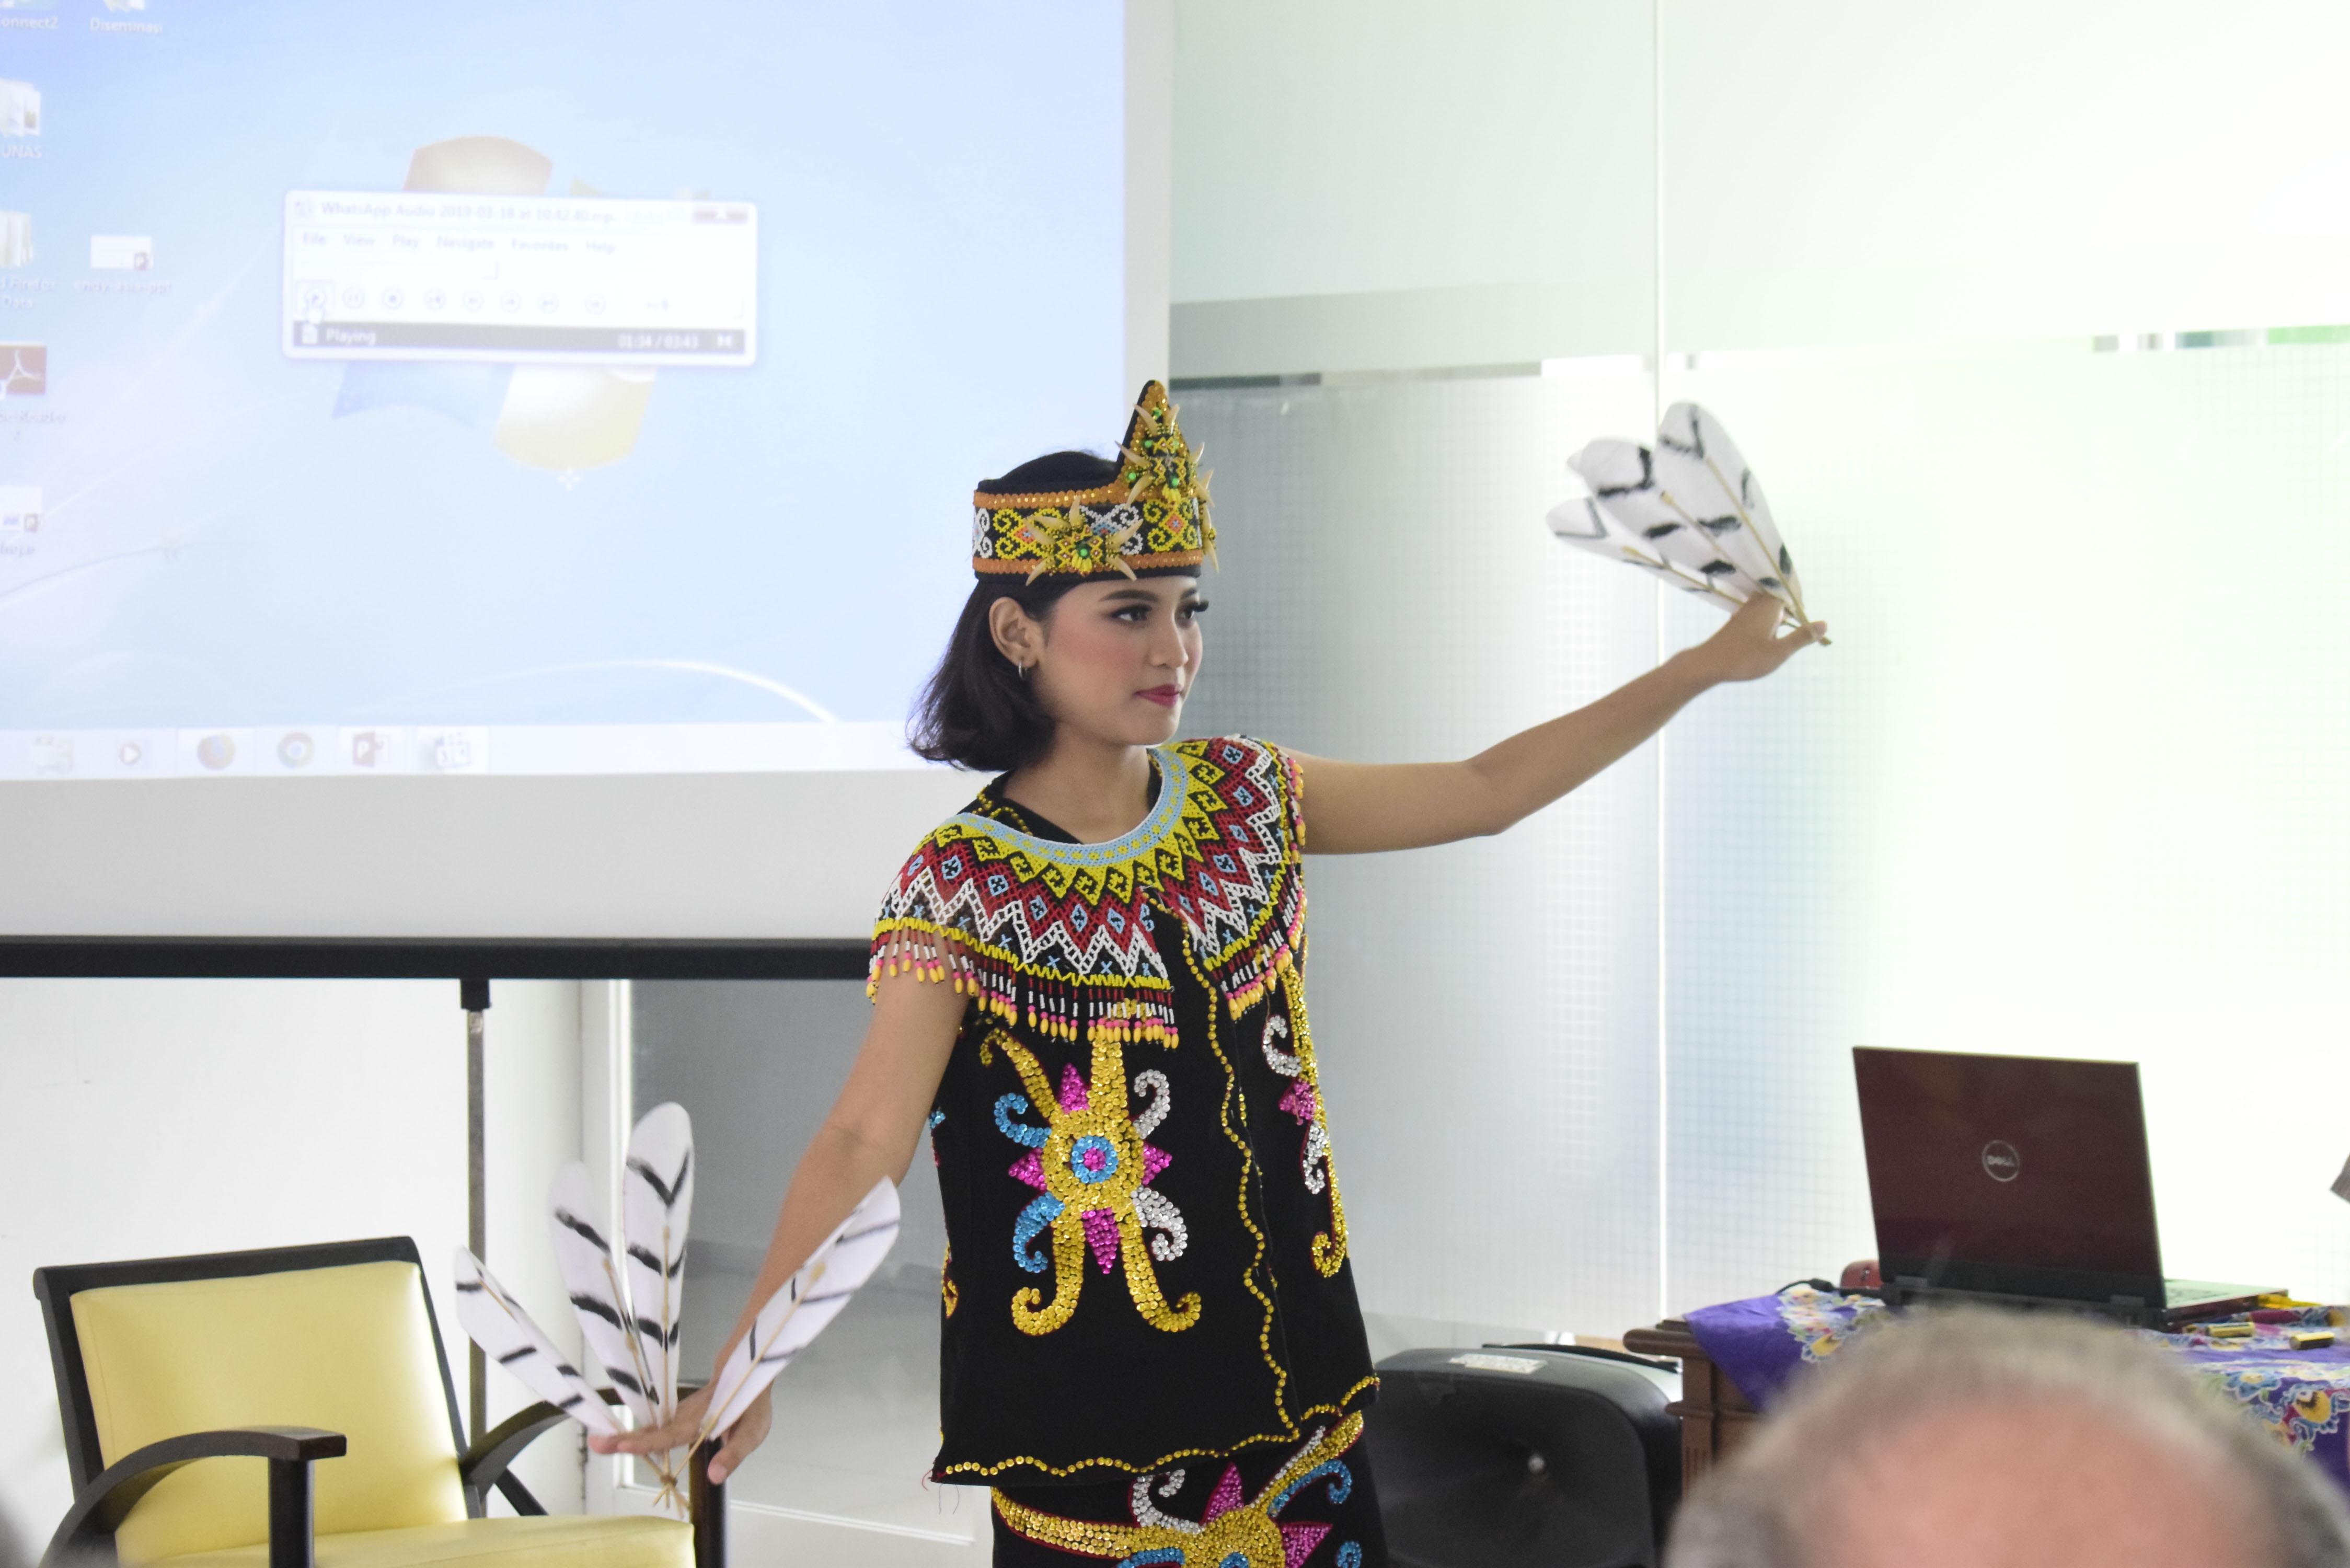 Mahasiswa sedang membawakan tari kalimantan dalam pembukaan acara Public Lecture Evolutions Bite: Using Teeth To, di Jakarta, (18/3).